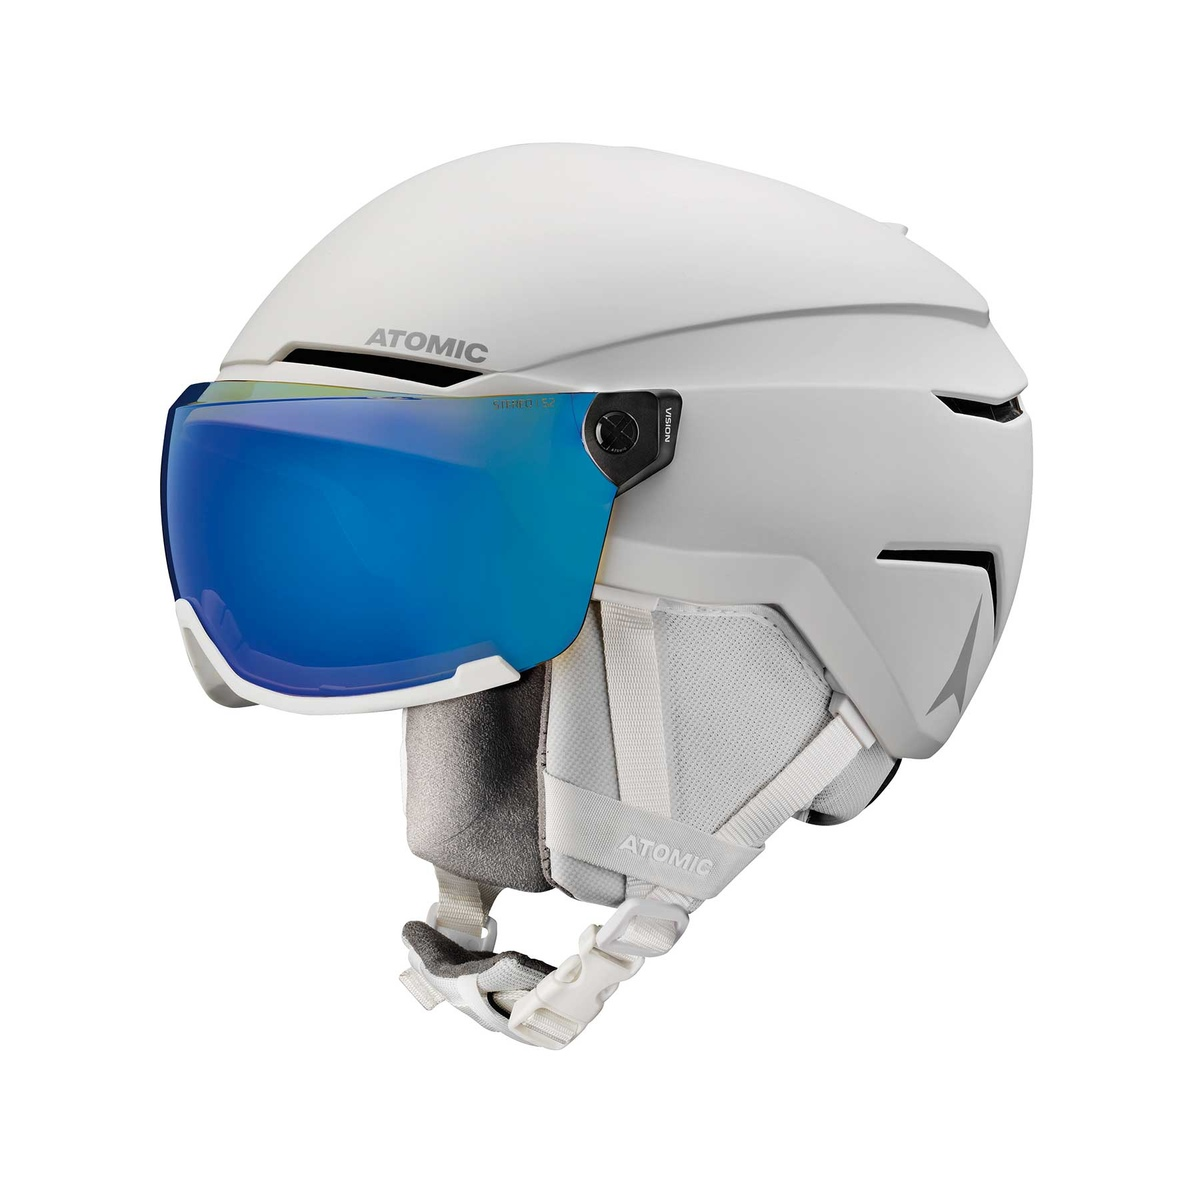 Prezzi Atomic casco savor stereo con visiera